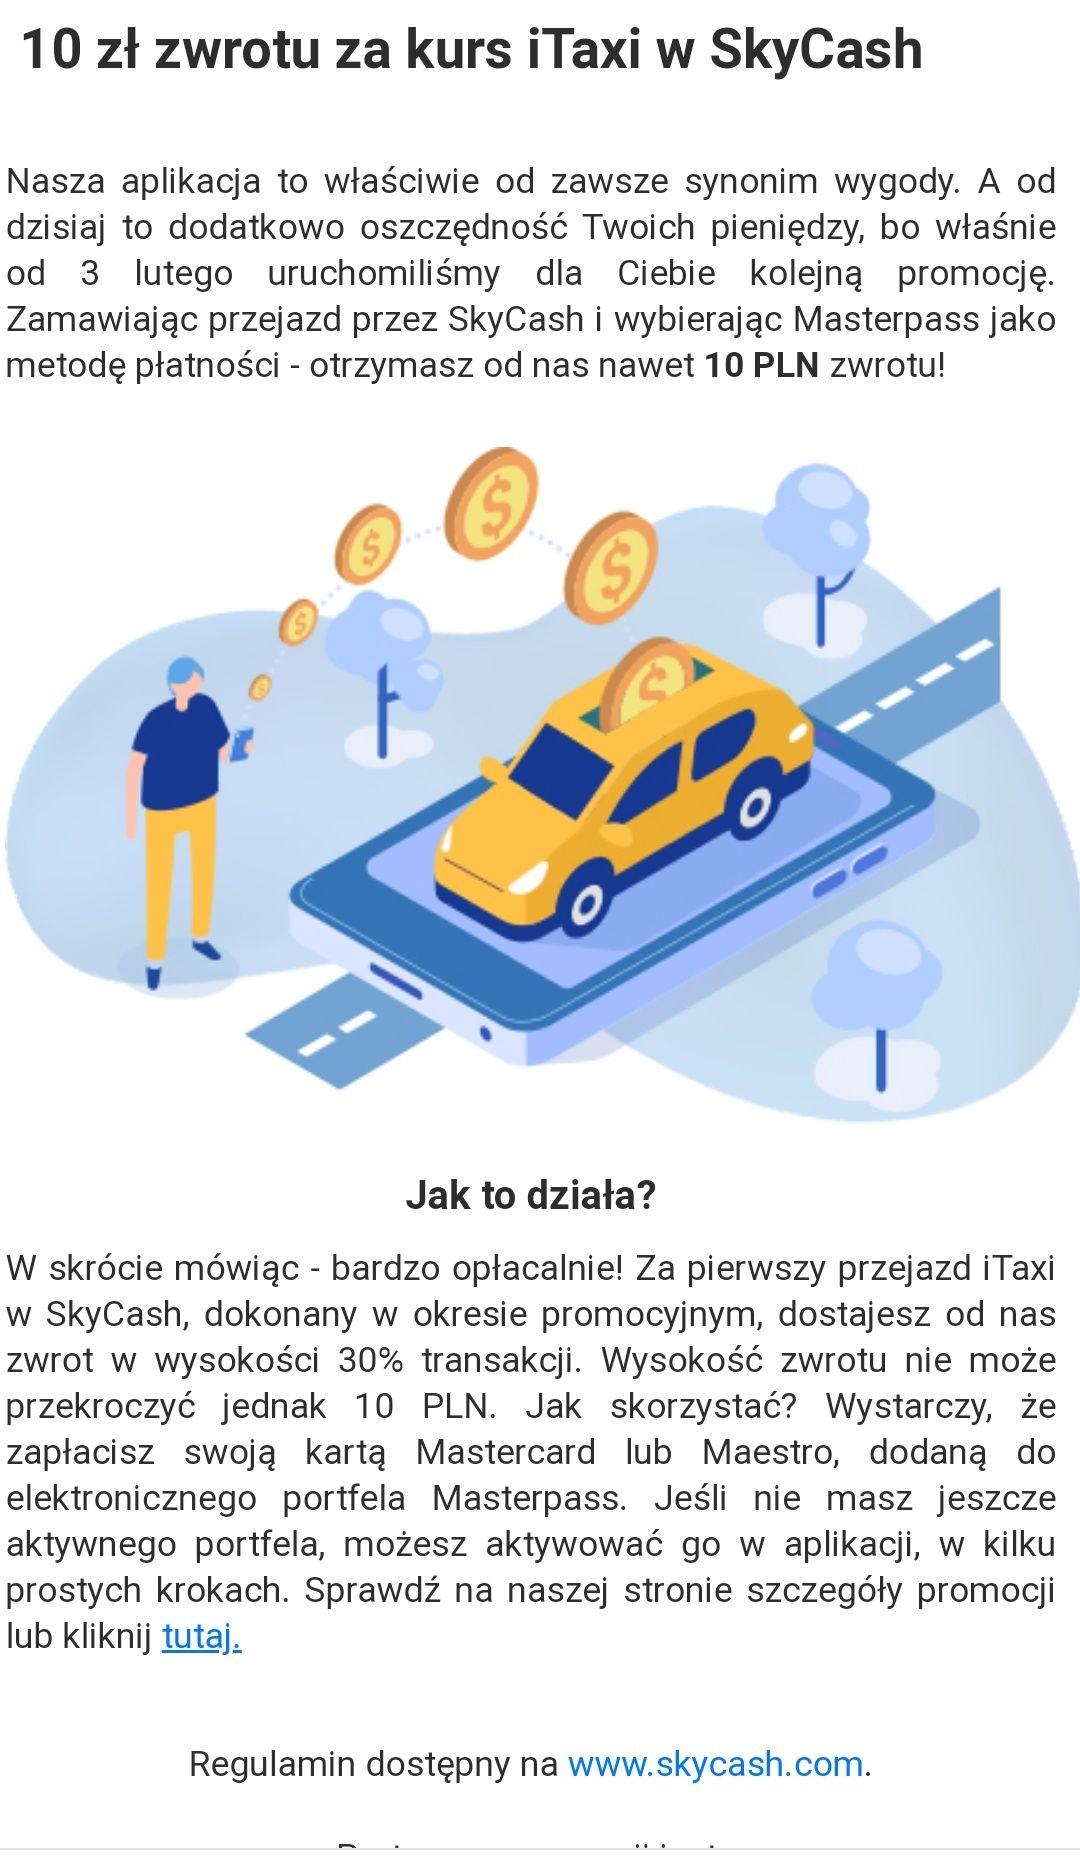 Skycash 30% ( max 10 zł) zwrotu za przejazd iTaxi z Masterpass.